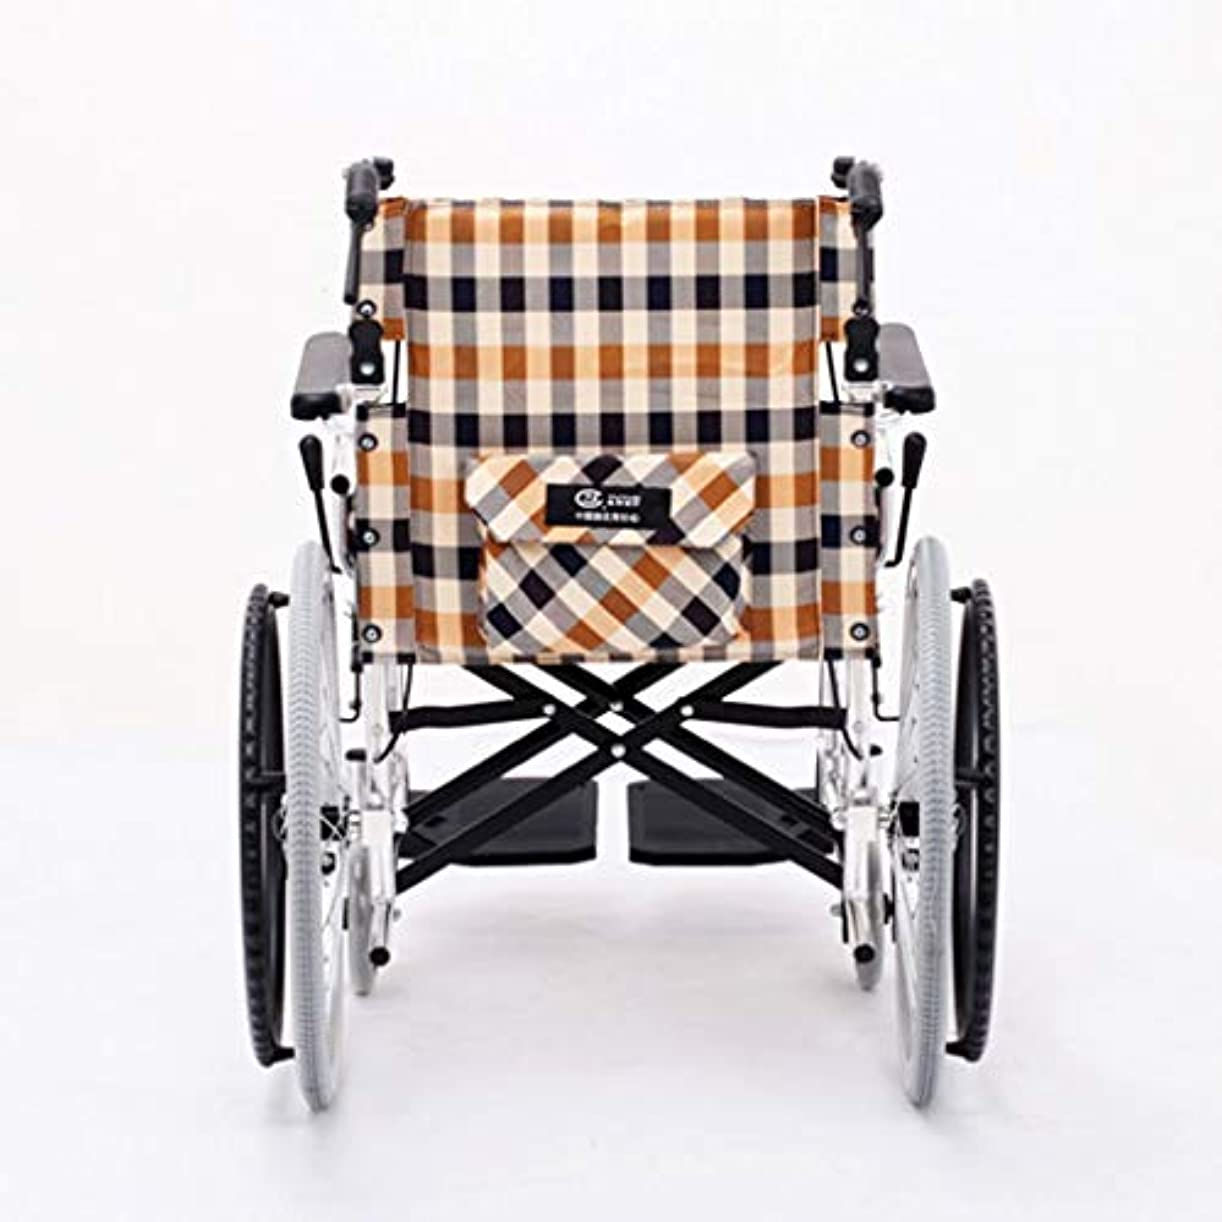 テスト蚊副詞車椅子のアルミニウムフレームの障害者、高齢者およびリハビリテーションの患者のための高齢者の携帯用旅行車椅子